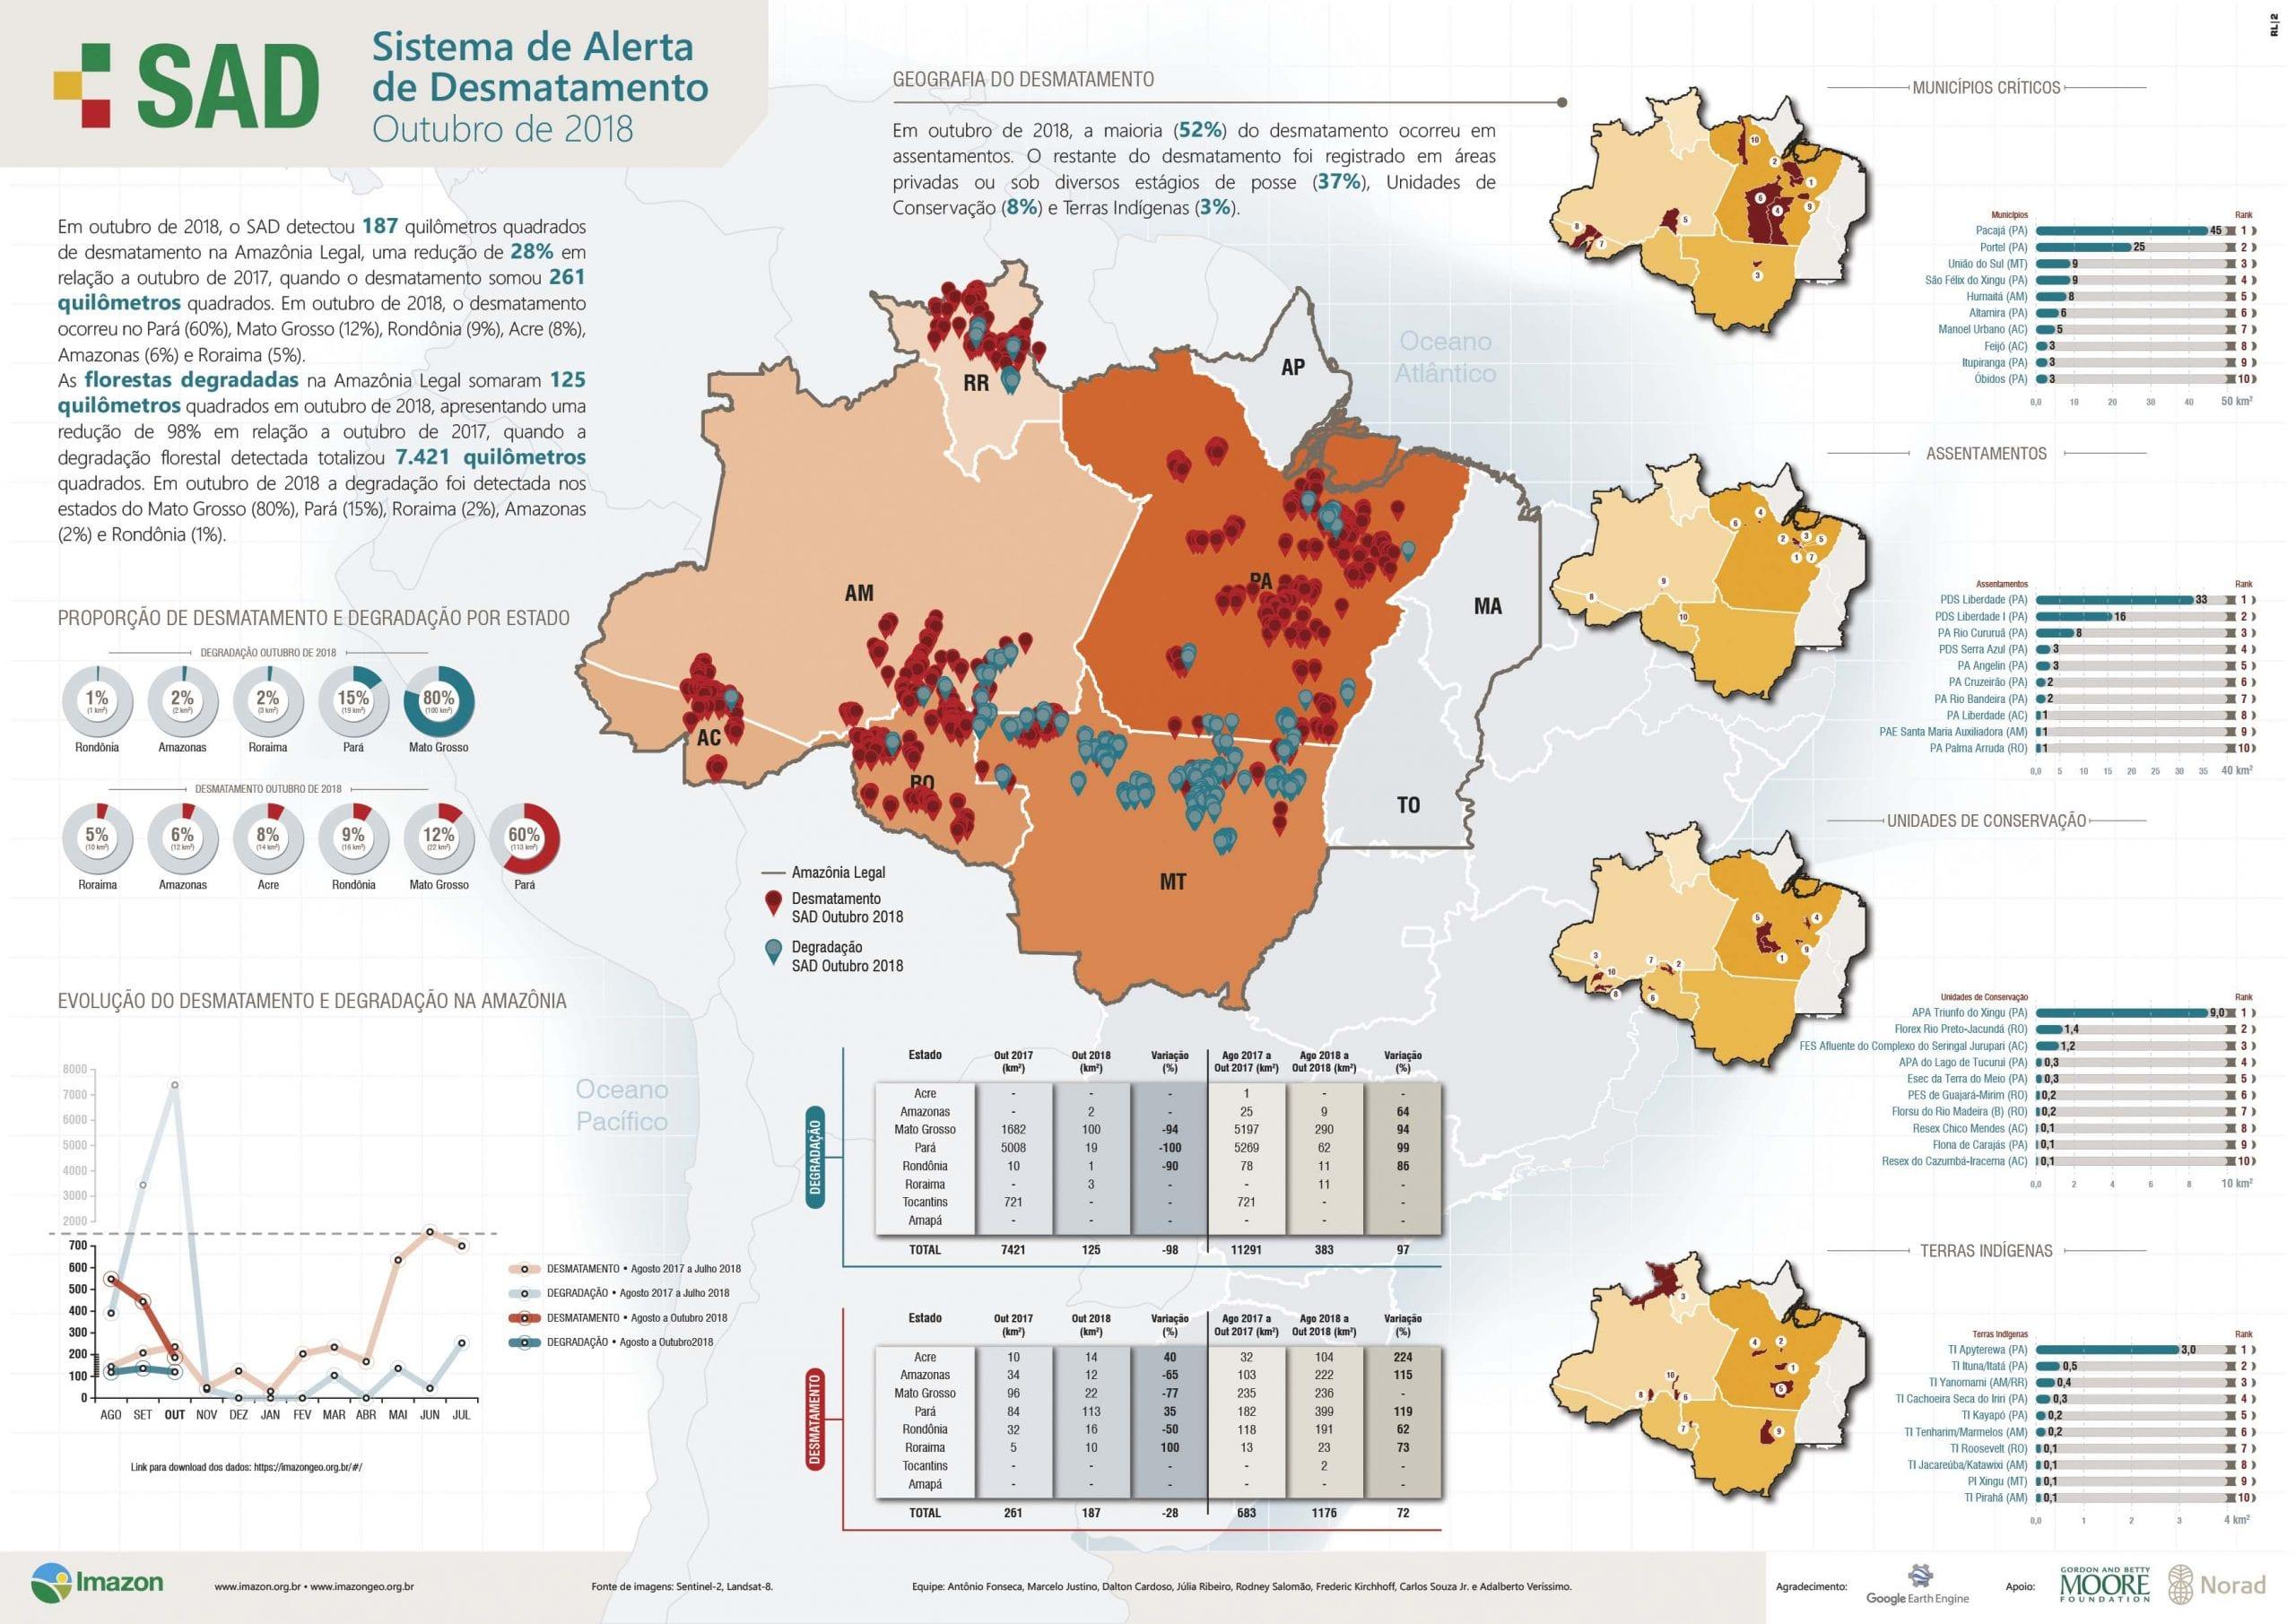 Boletim SAD outubro 2018 - Boletim do desmatamento da Amazônia Legal (outubro 2018) SAD